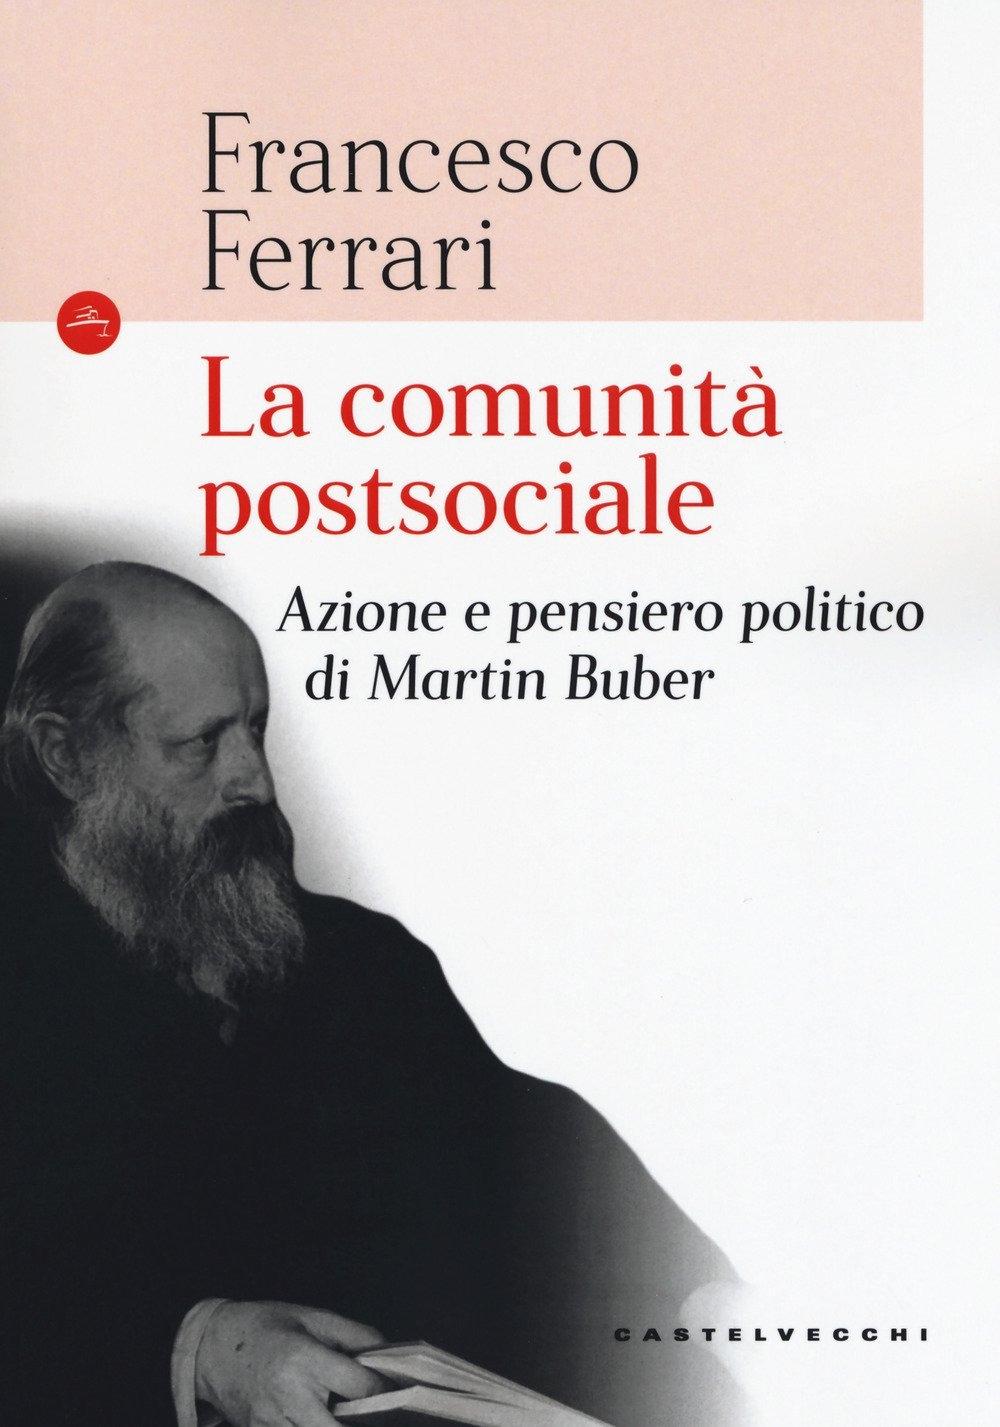 La comunità postsociale. Azione e pensiero politico di Martin Buber